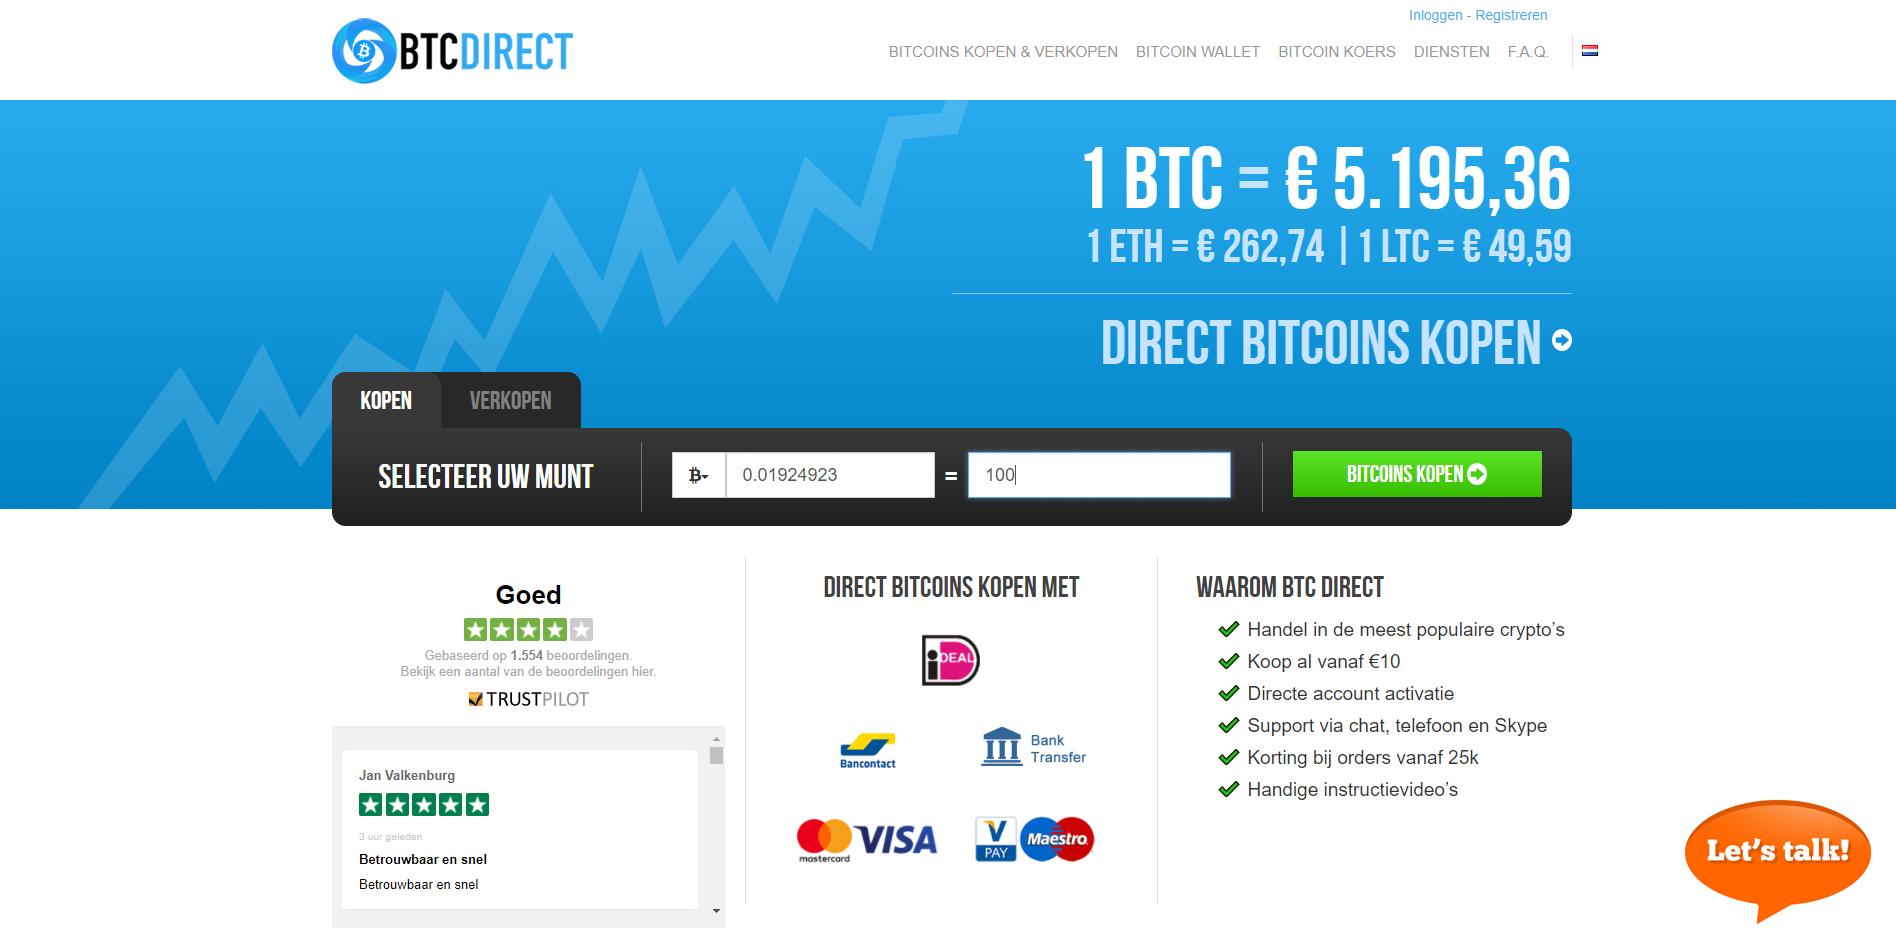 James hilliard bitcoins rauschert oberbettingen gmbh alter bahnhof 13 amendment